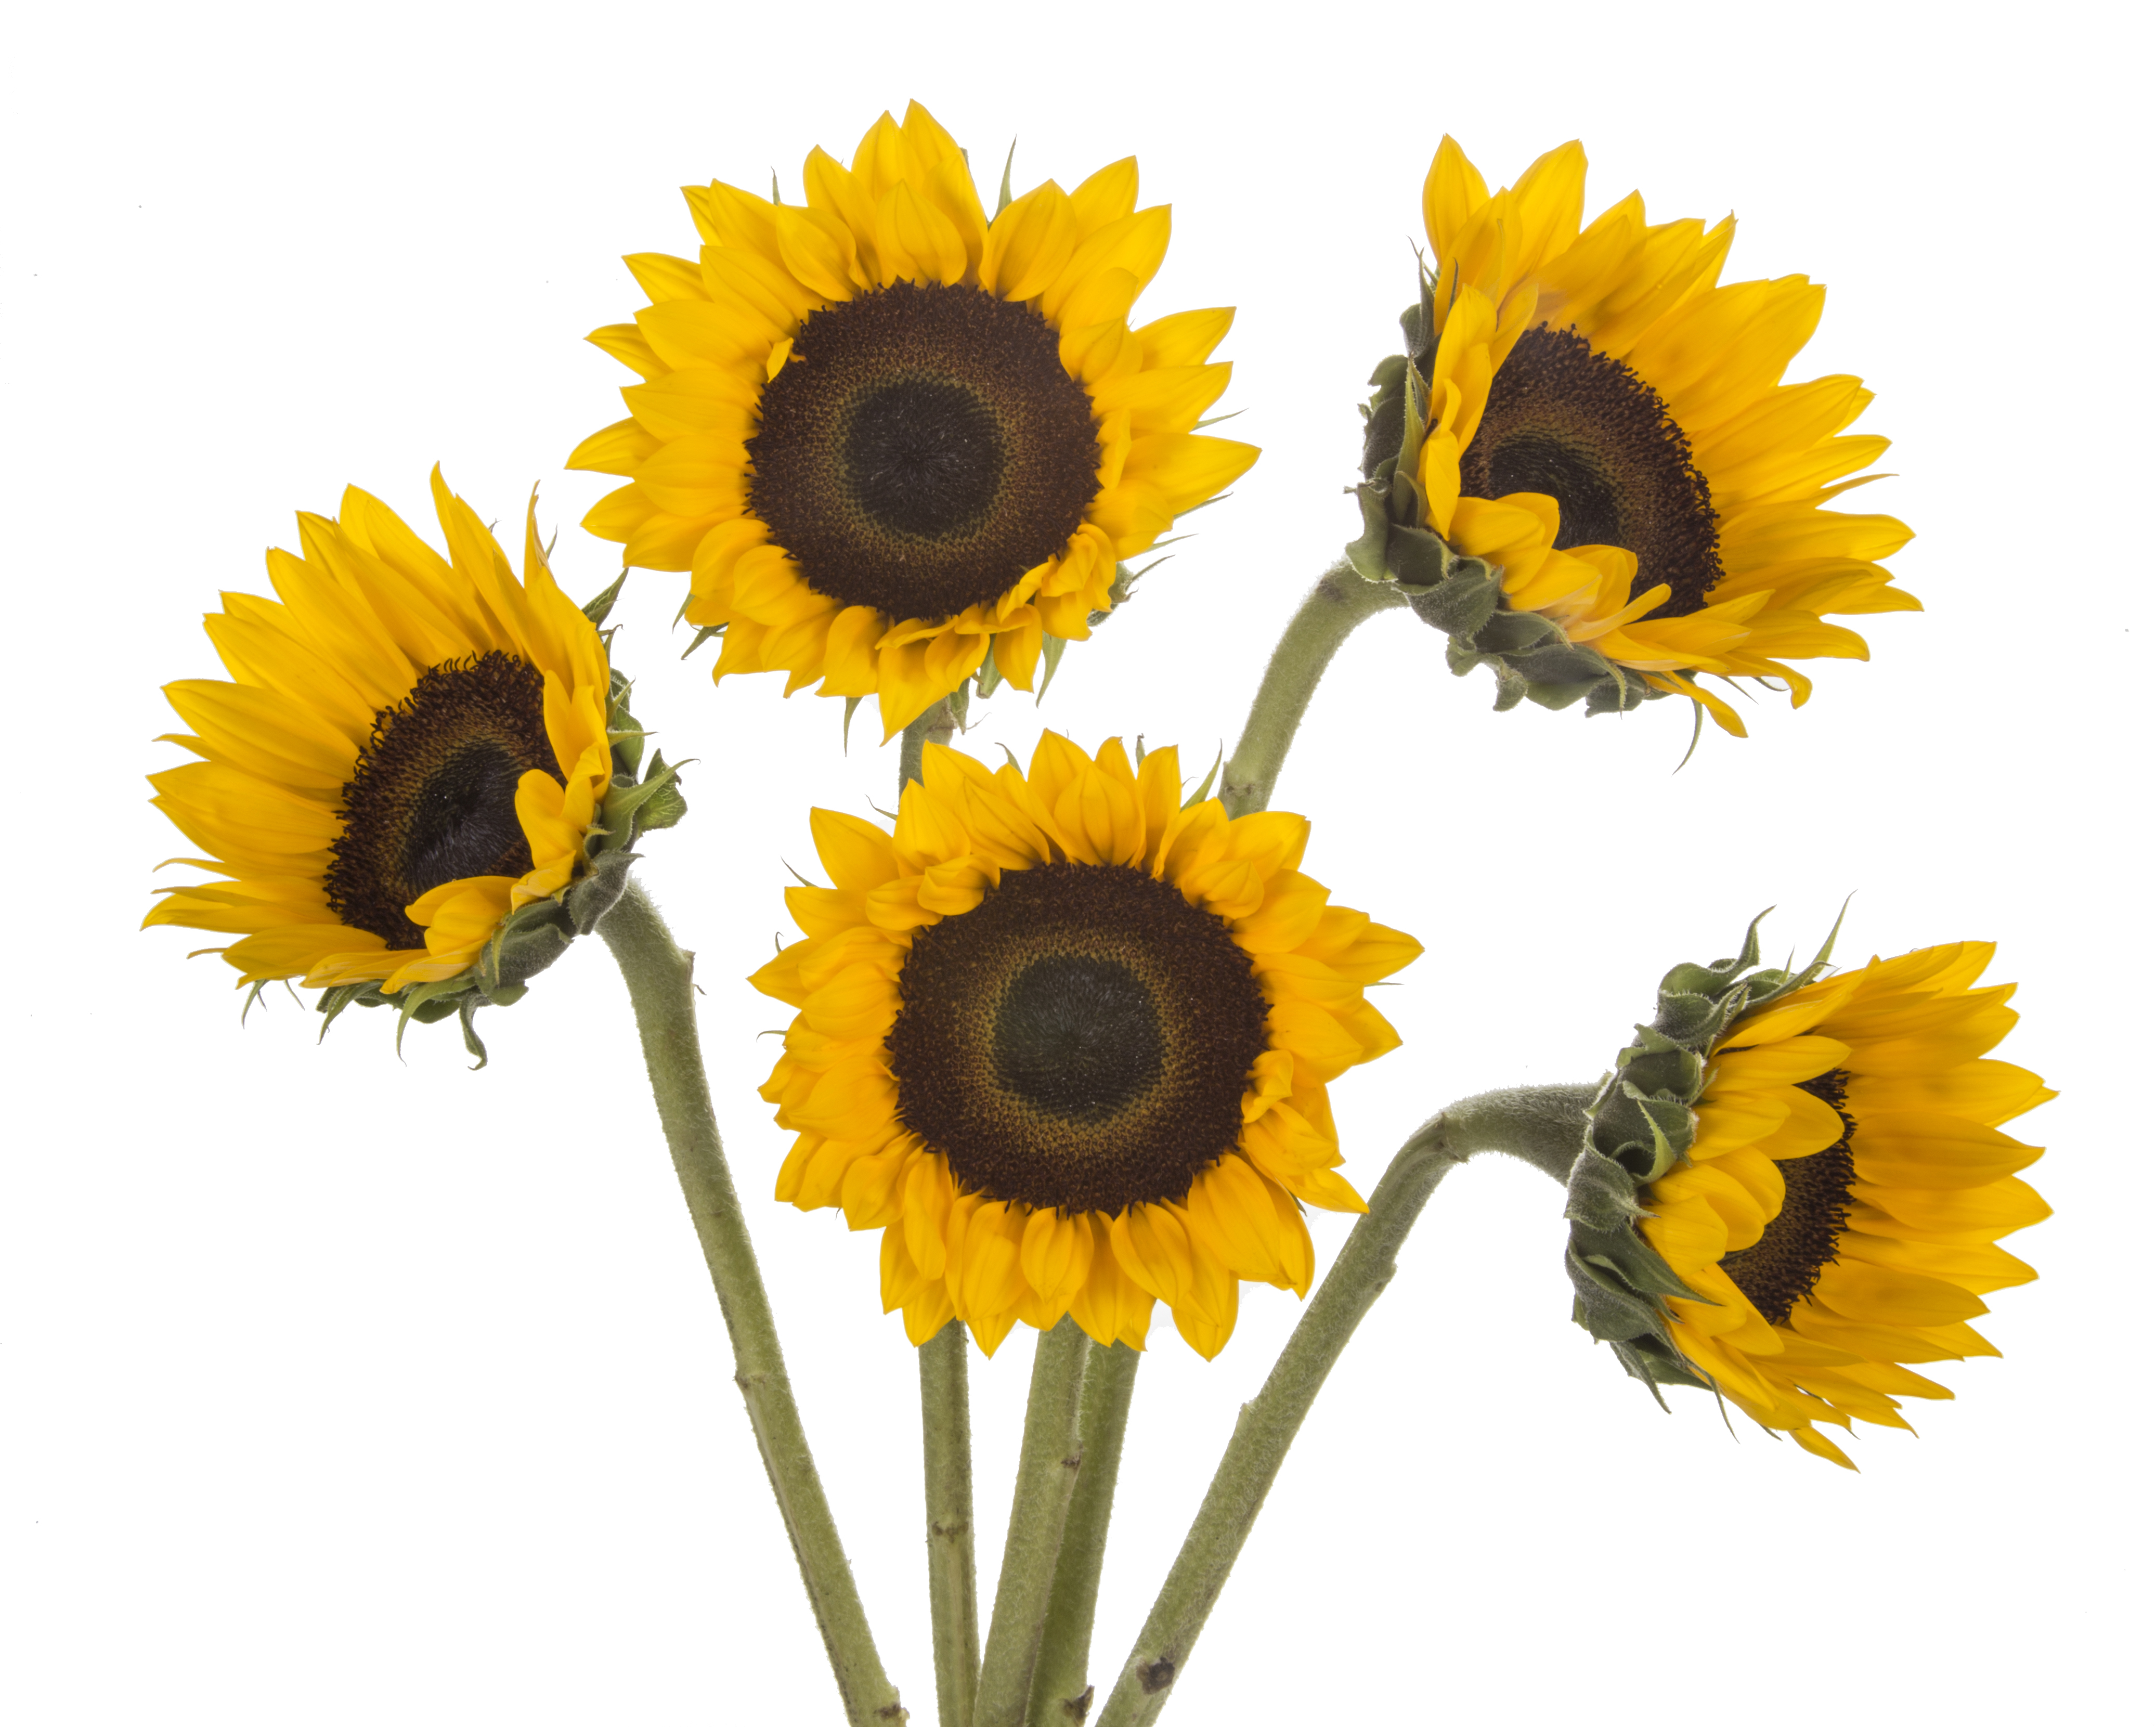 Sunflower - 5 stems